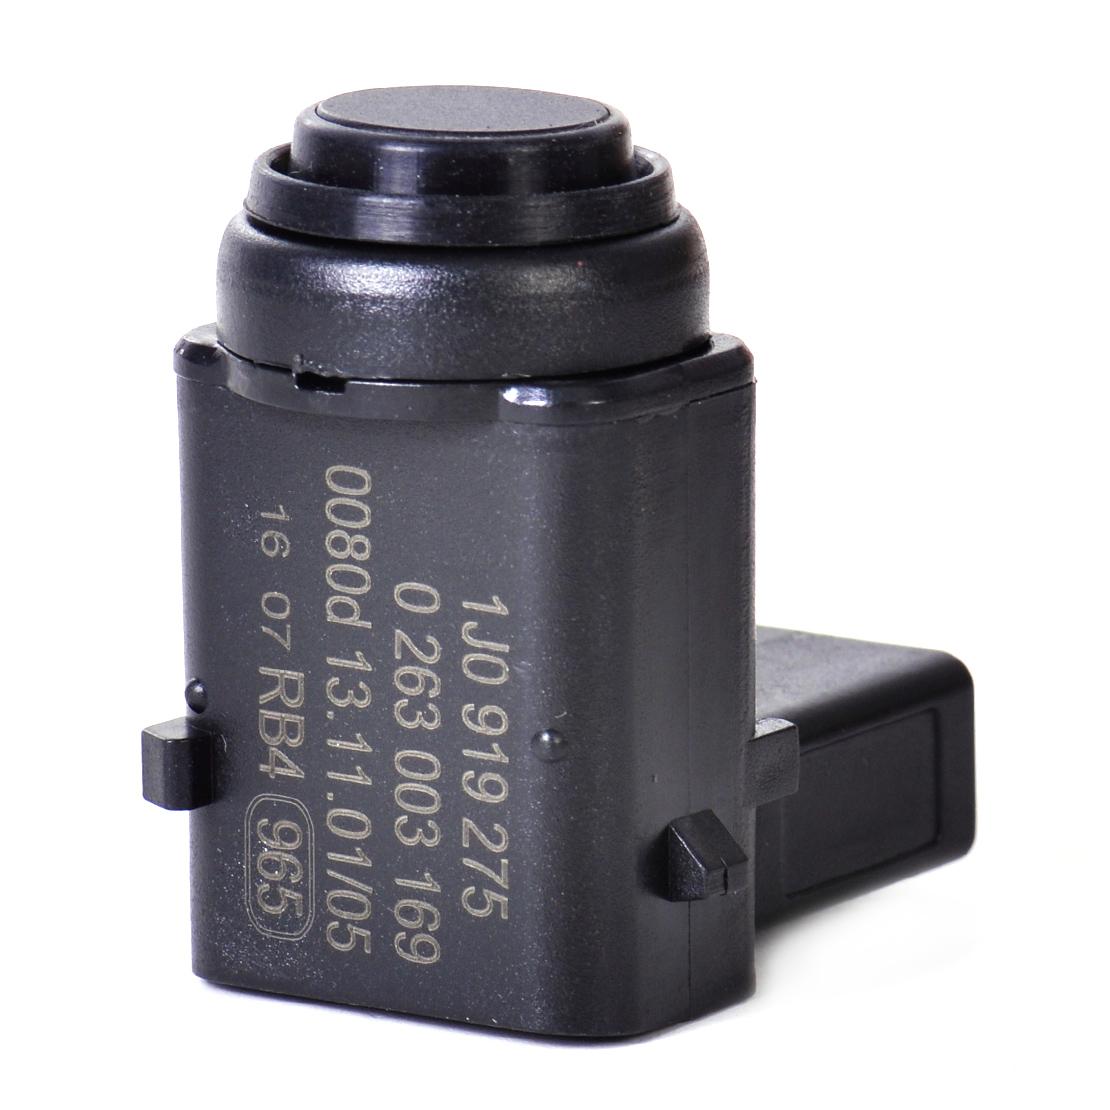 Park Sensörü - A6 - 2013